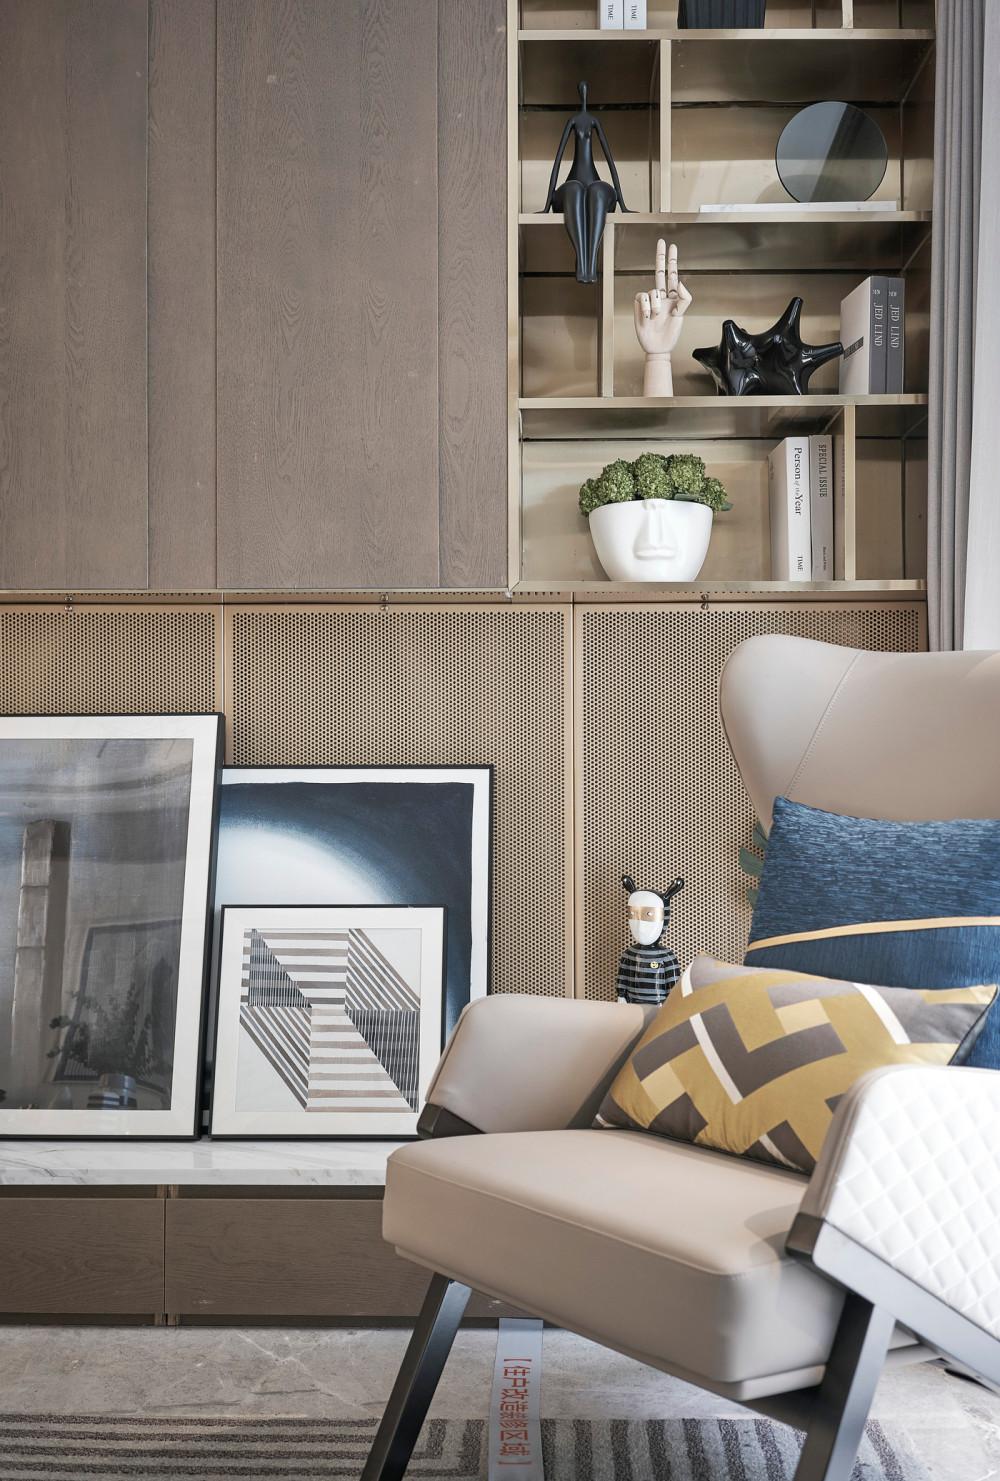 曜年设计 | 朋克思潮现代轻奢样板房 | CAD施工图+效果图+物料表